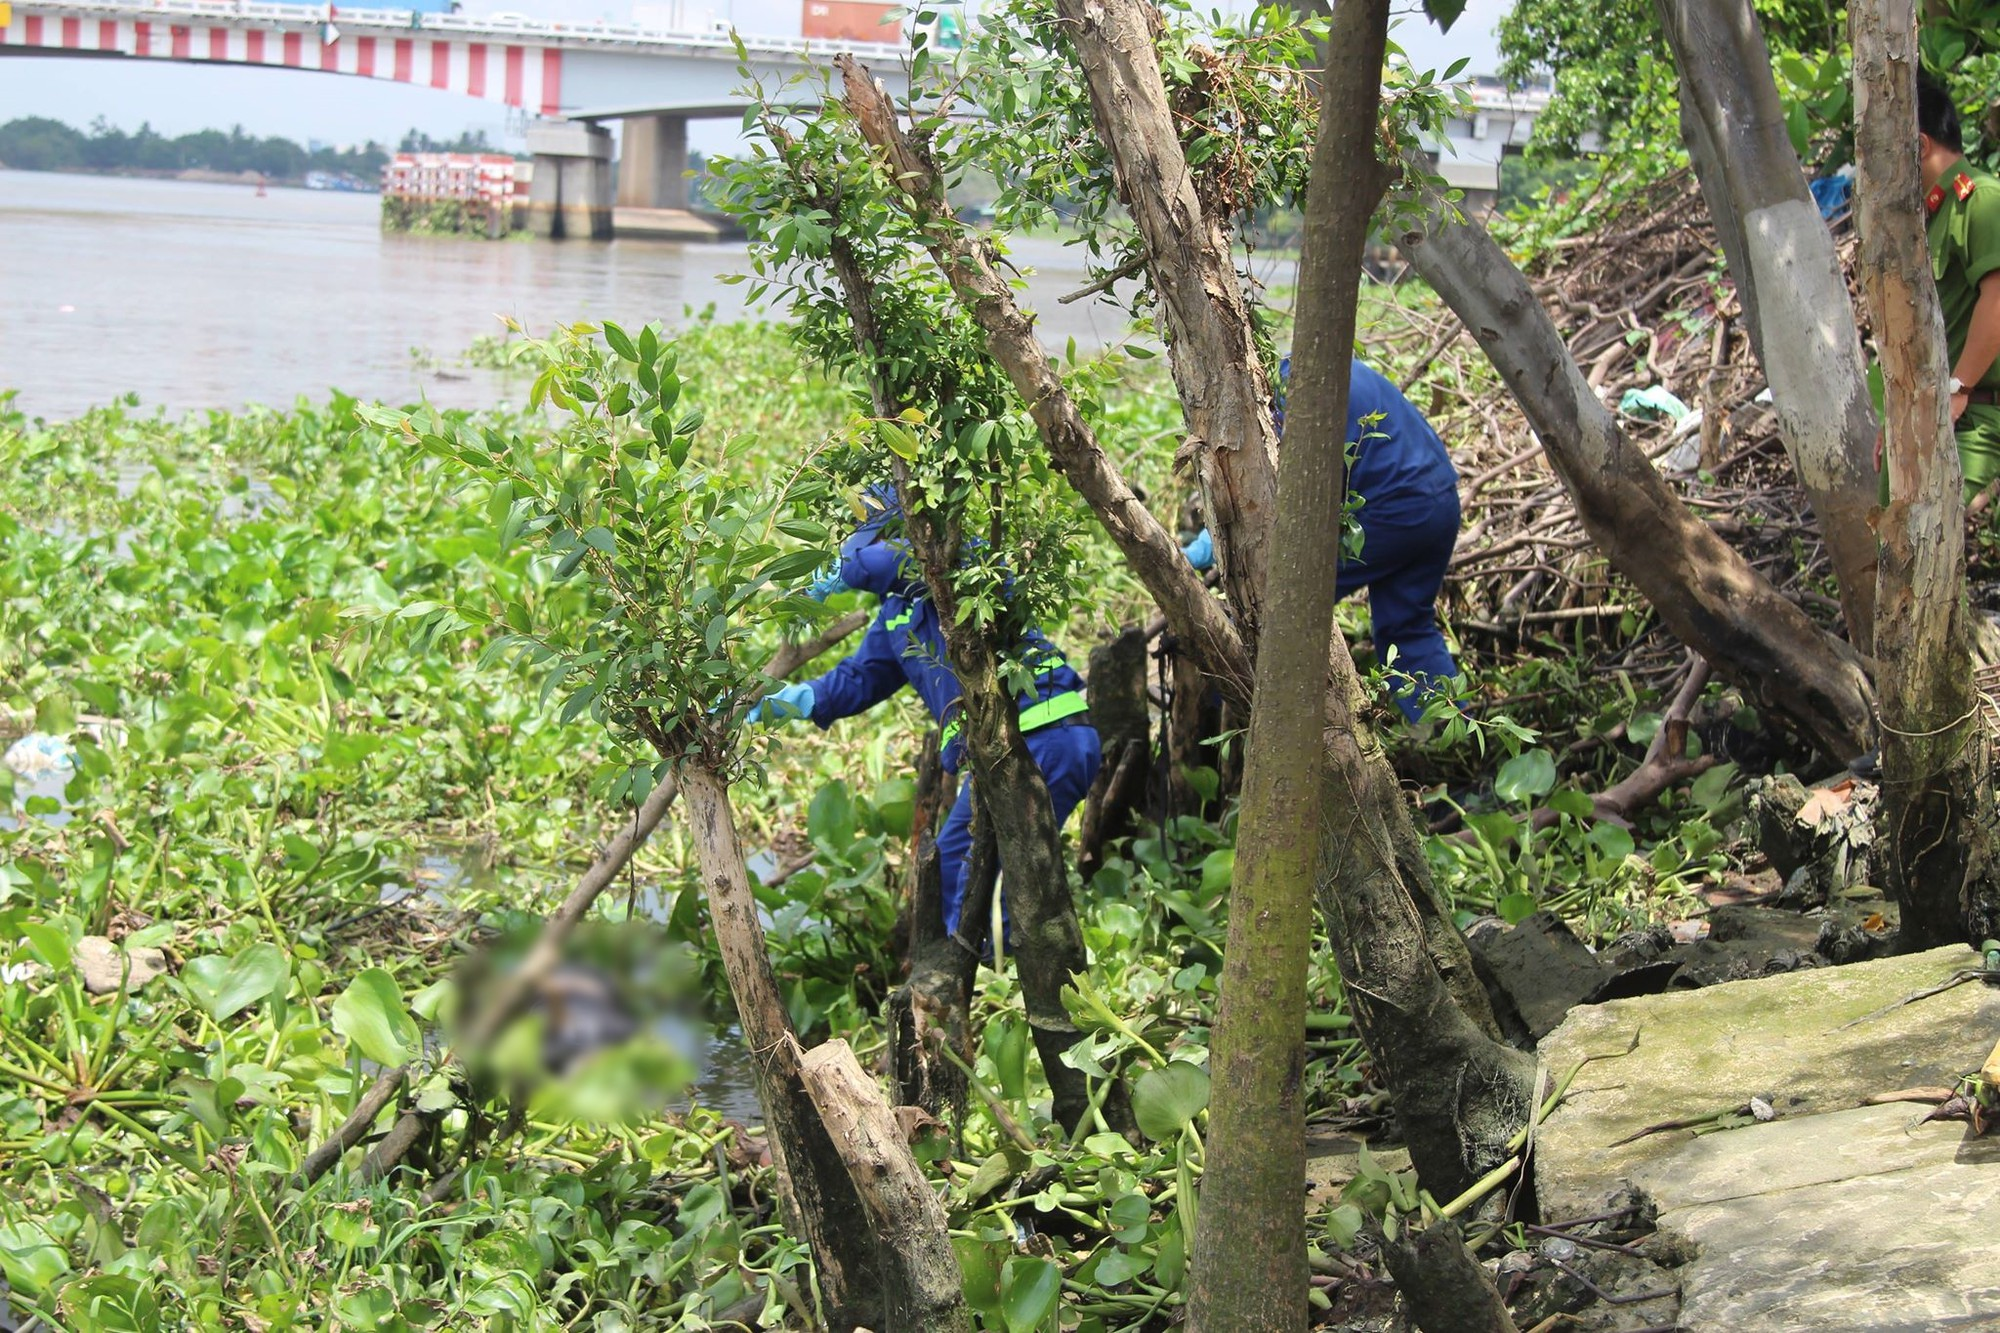 Phát hiện thi thể người đàn ông trôi trên sông Sài Gòn - Ảnh 2.